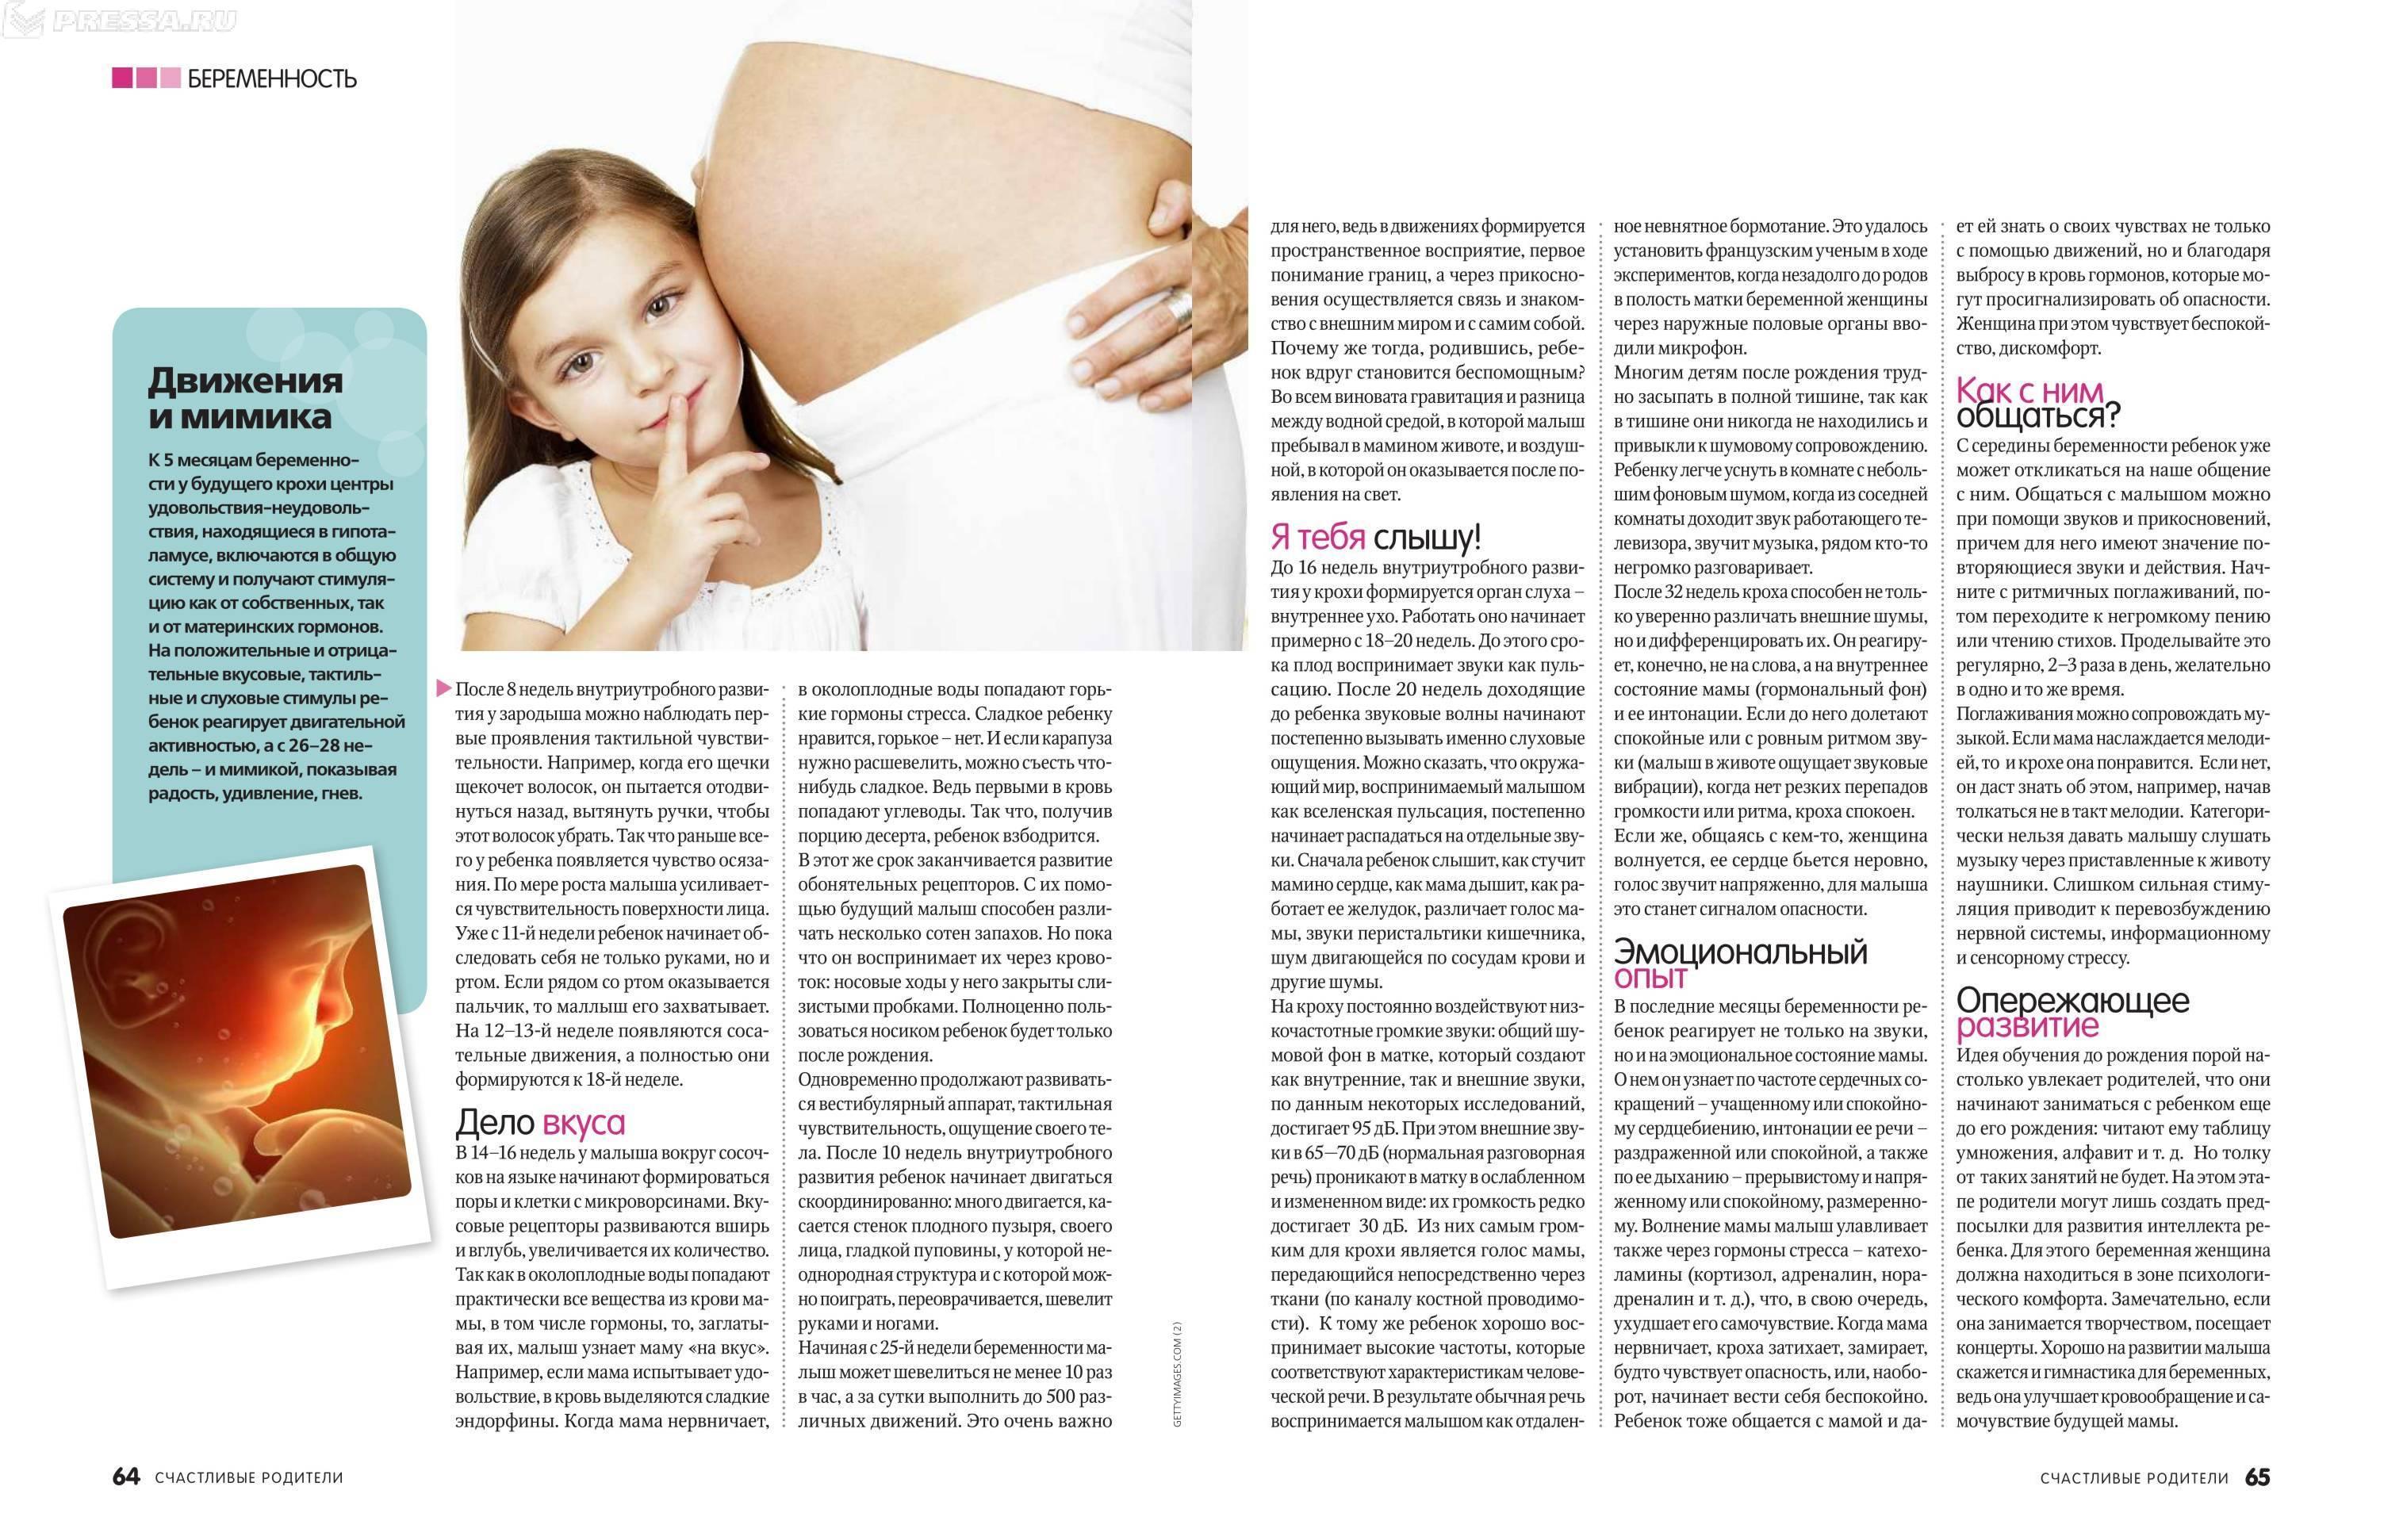 Состояние беременной женщины по неделям 8